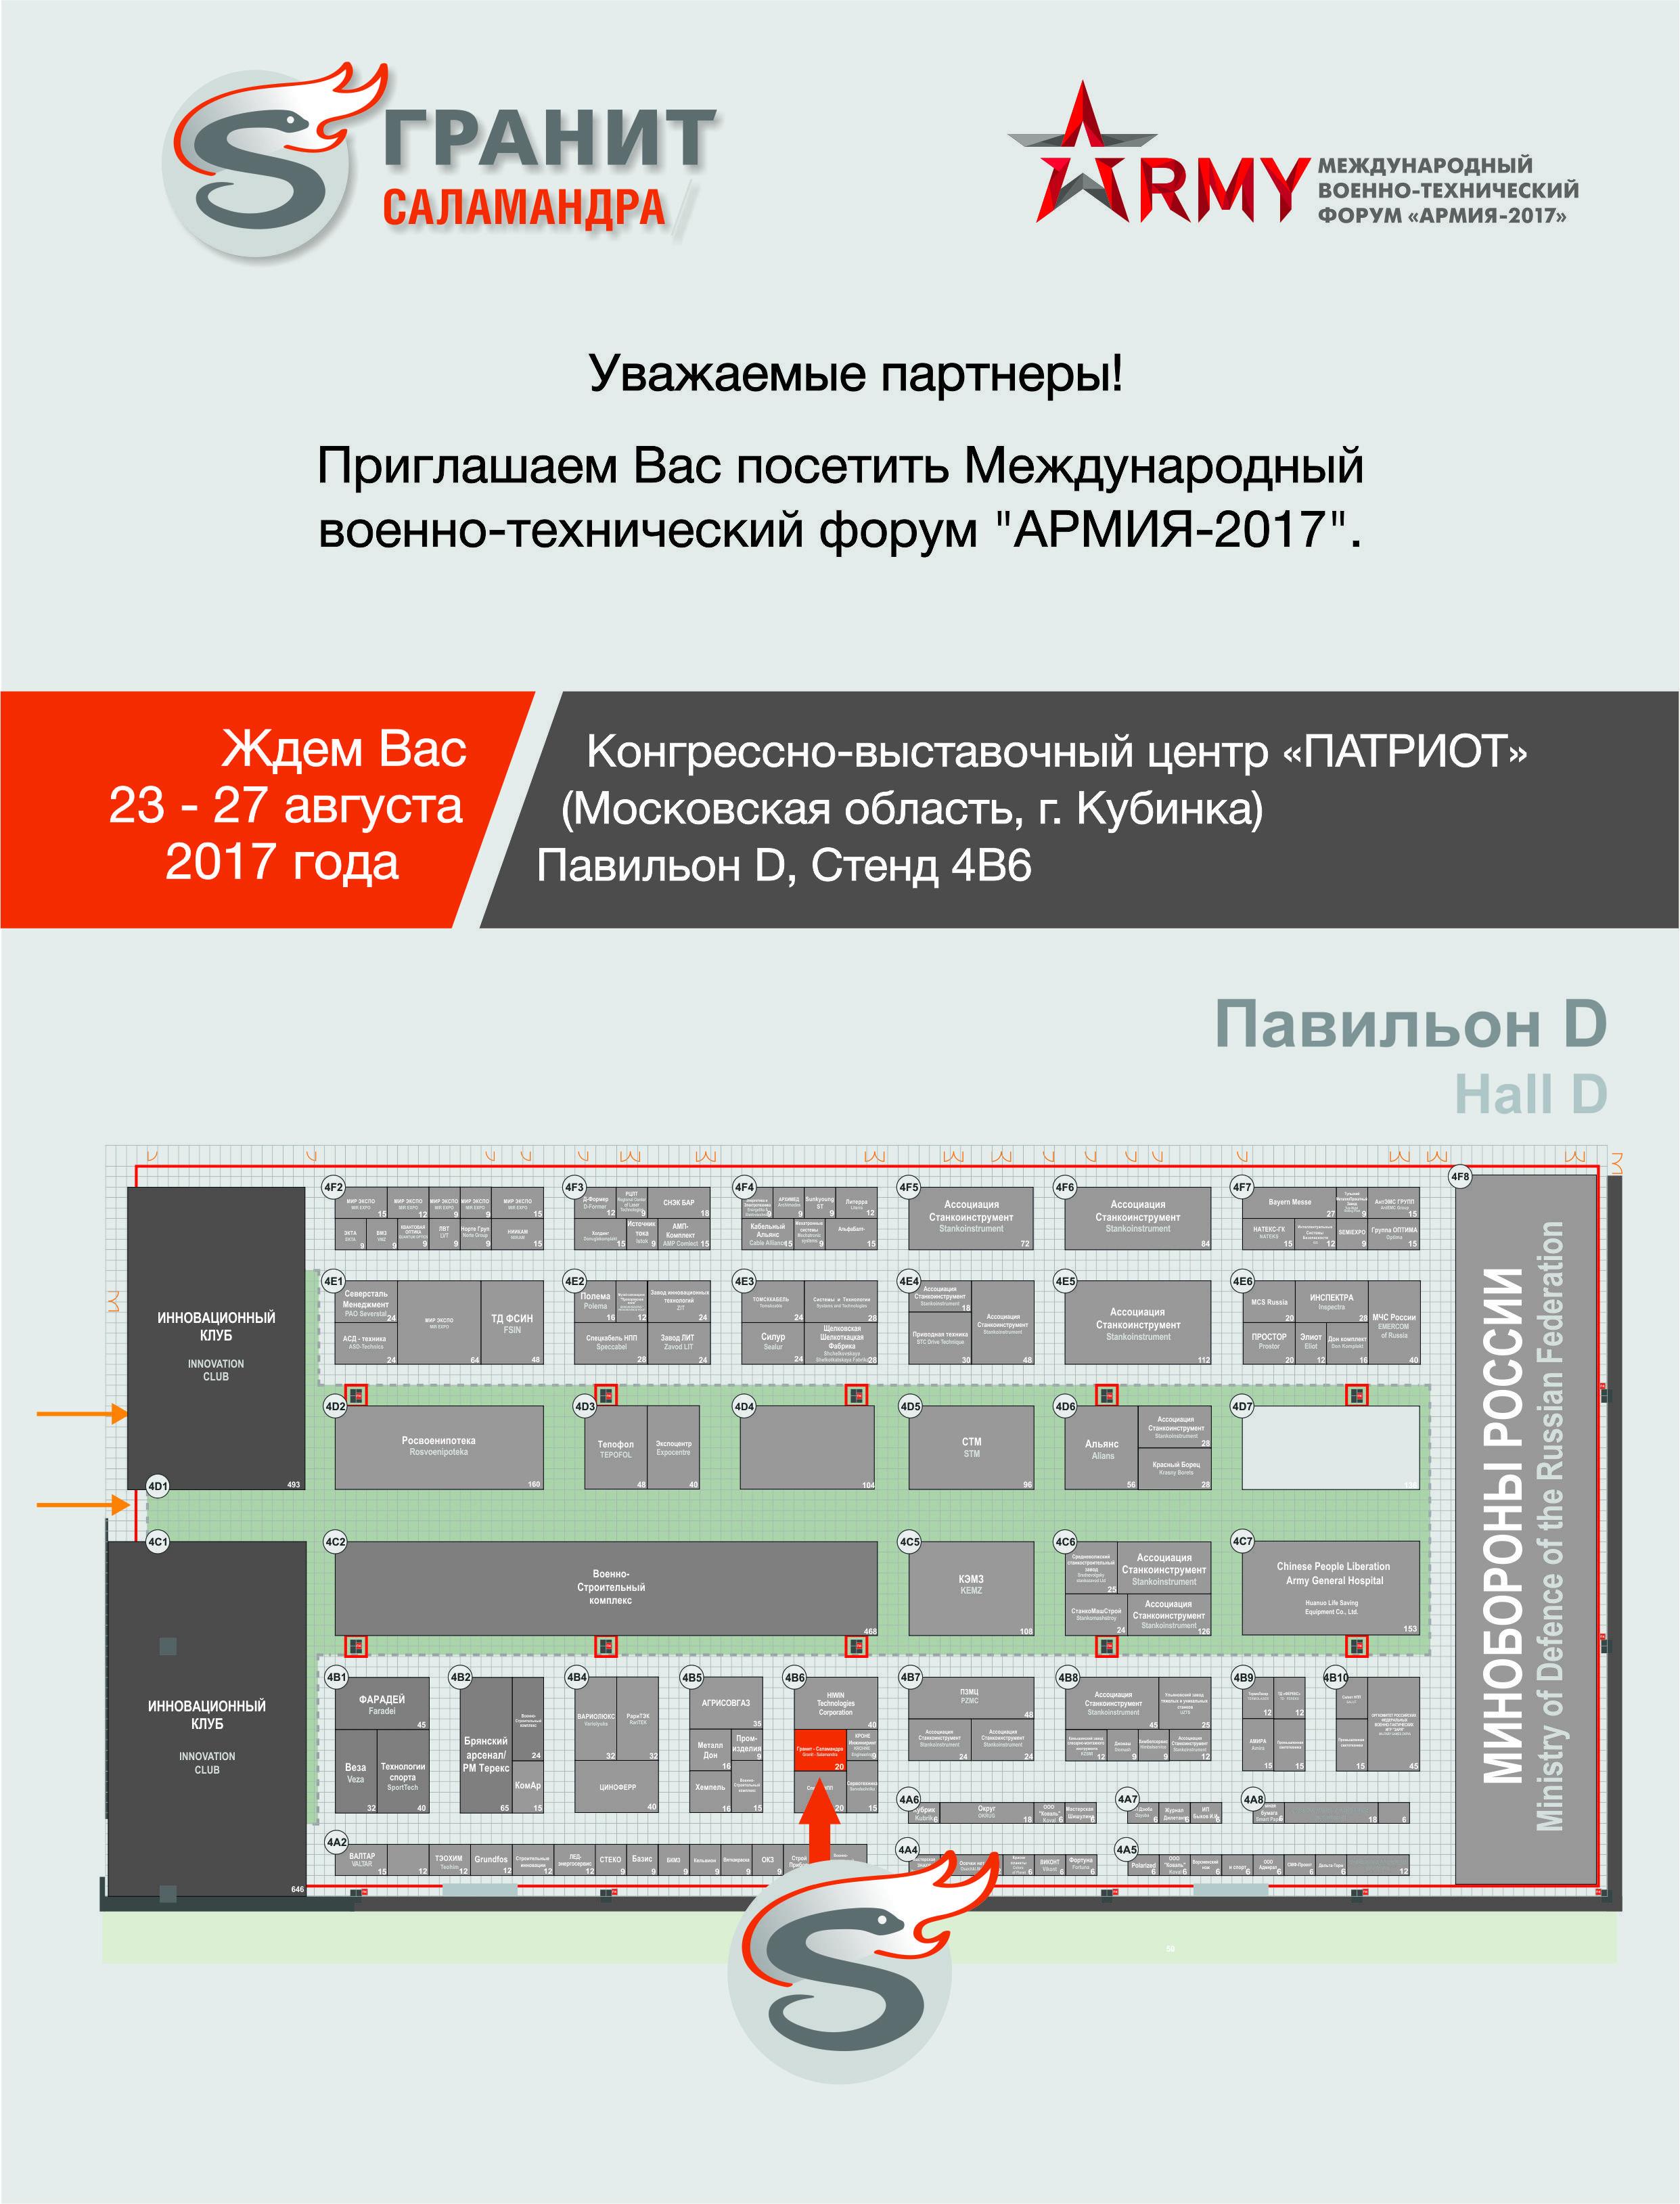 """Приглашаем Вас на Международный военно-технический форум """"АРМИЯ-2017"""""""